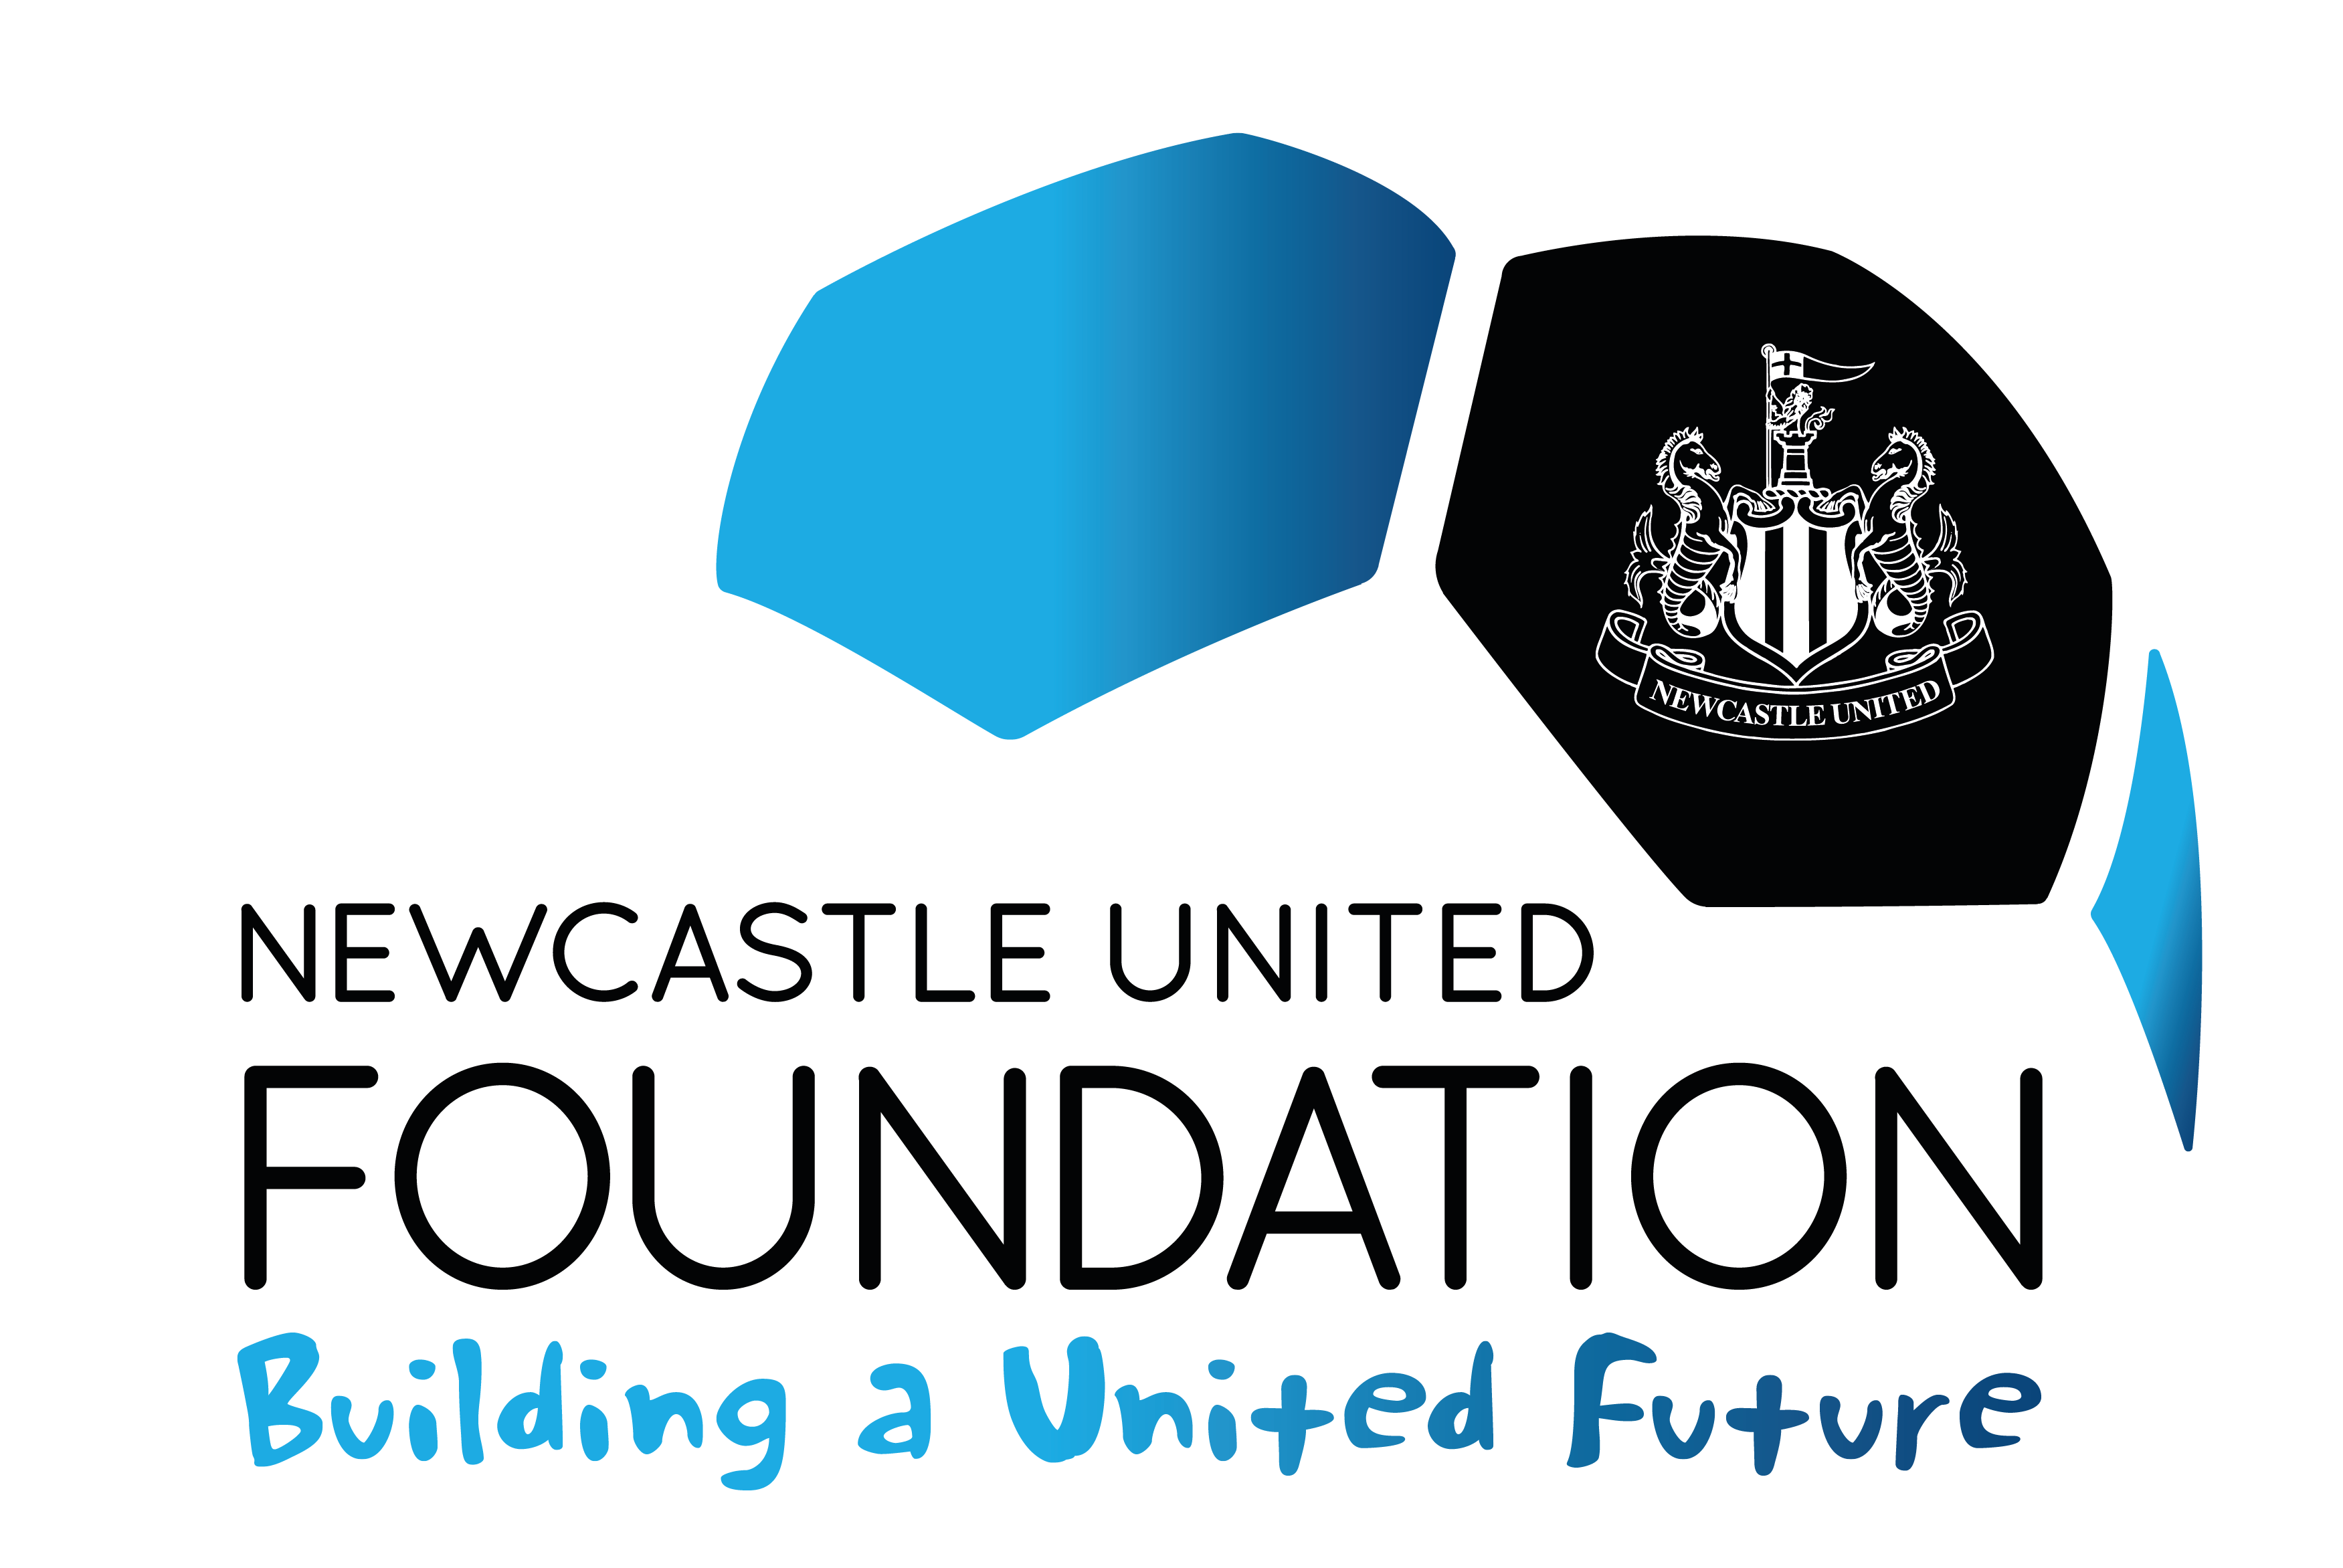 Newcastle United Foundation